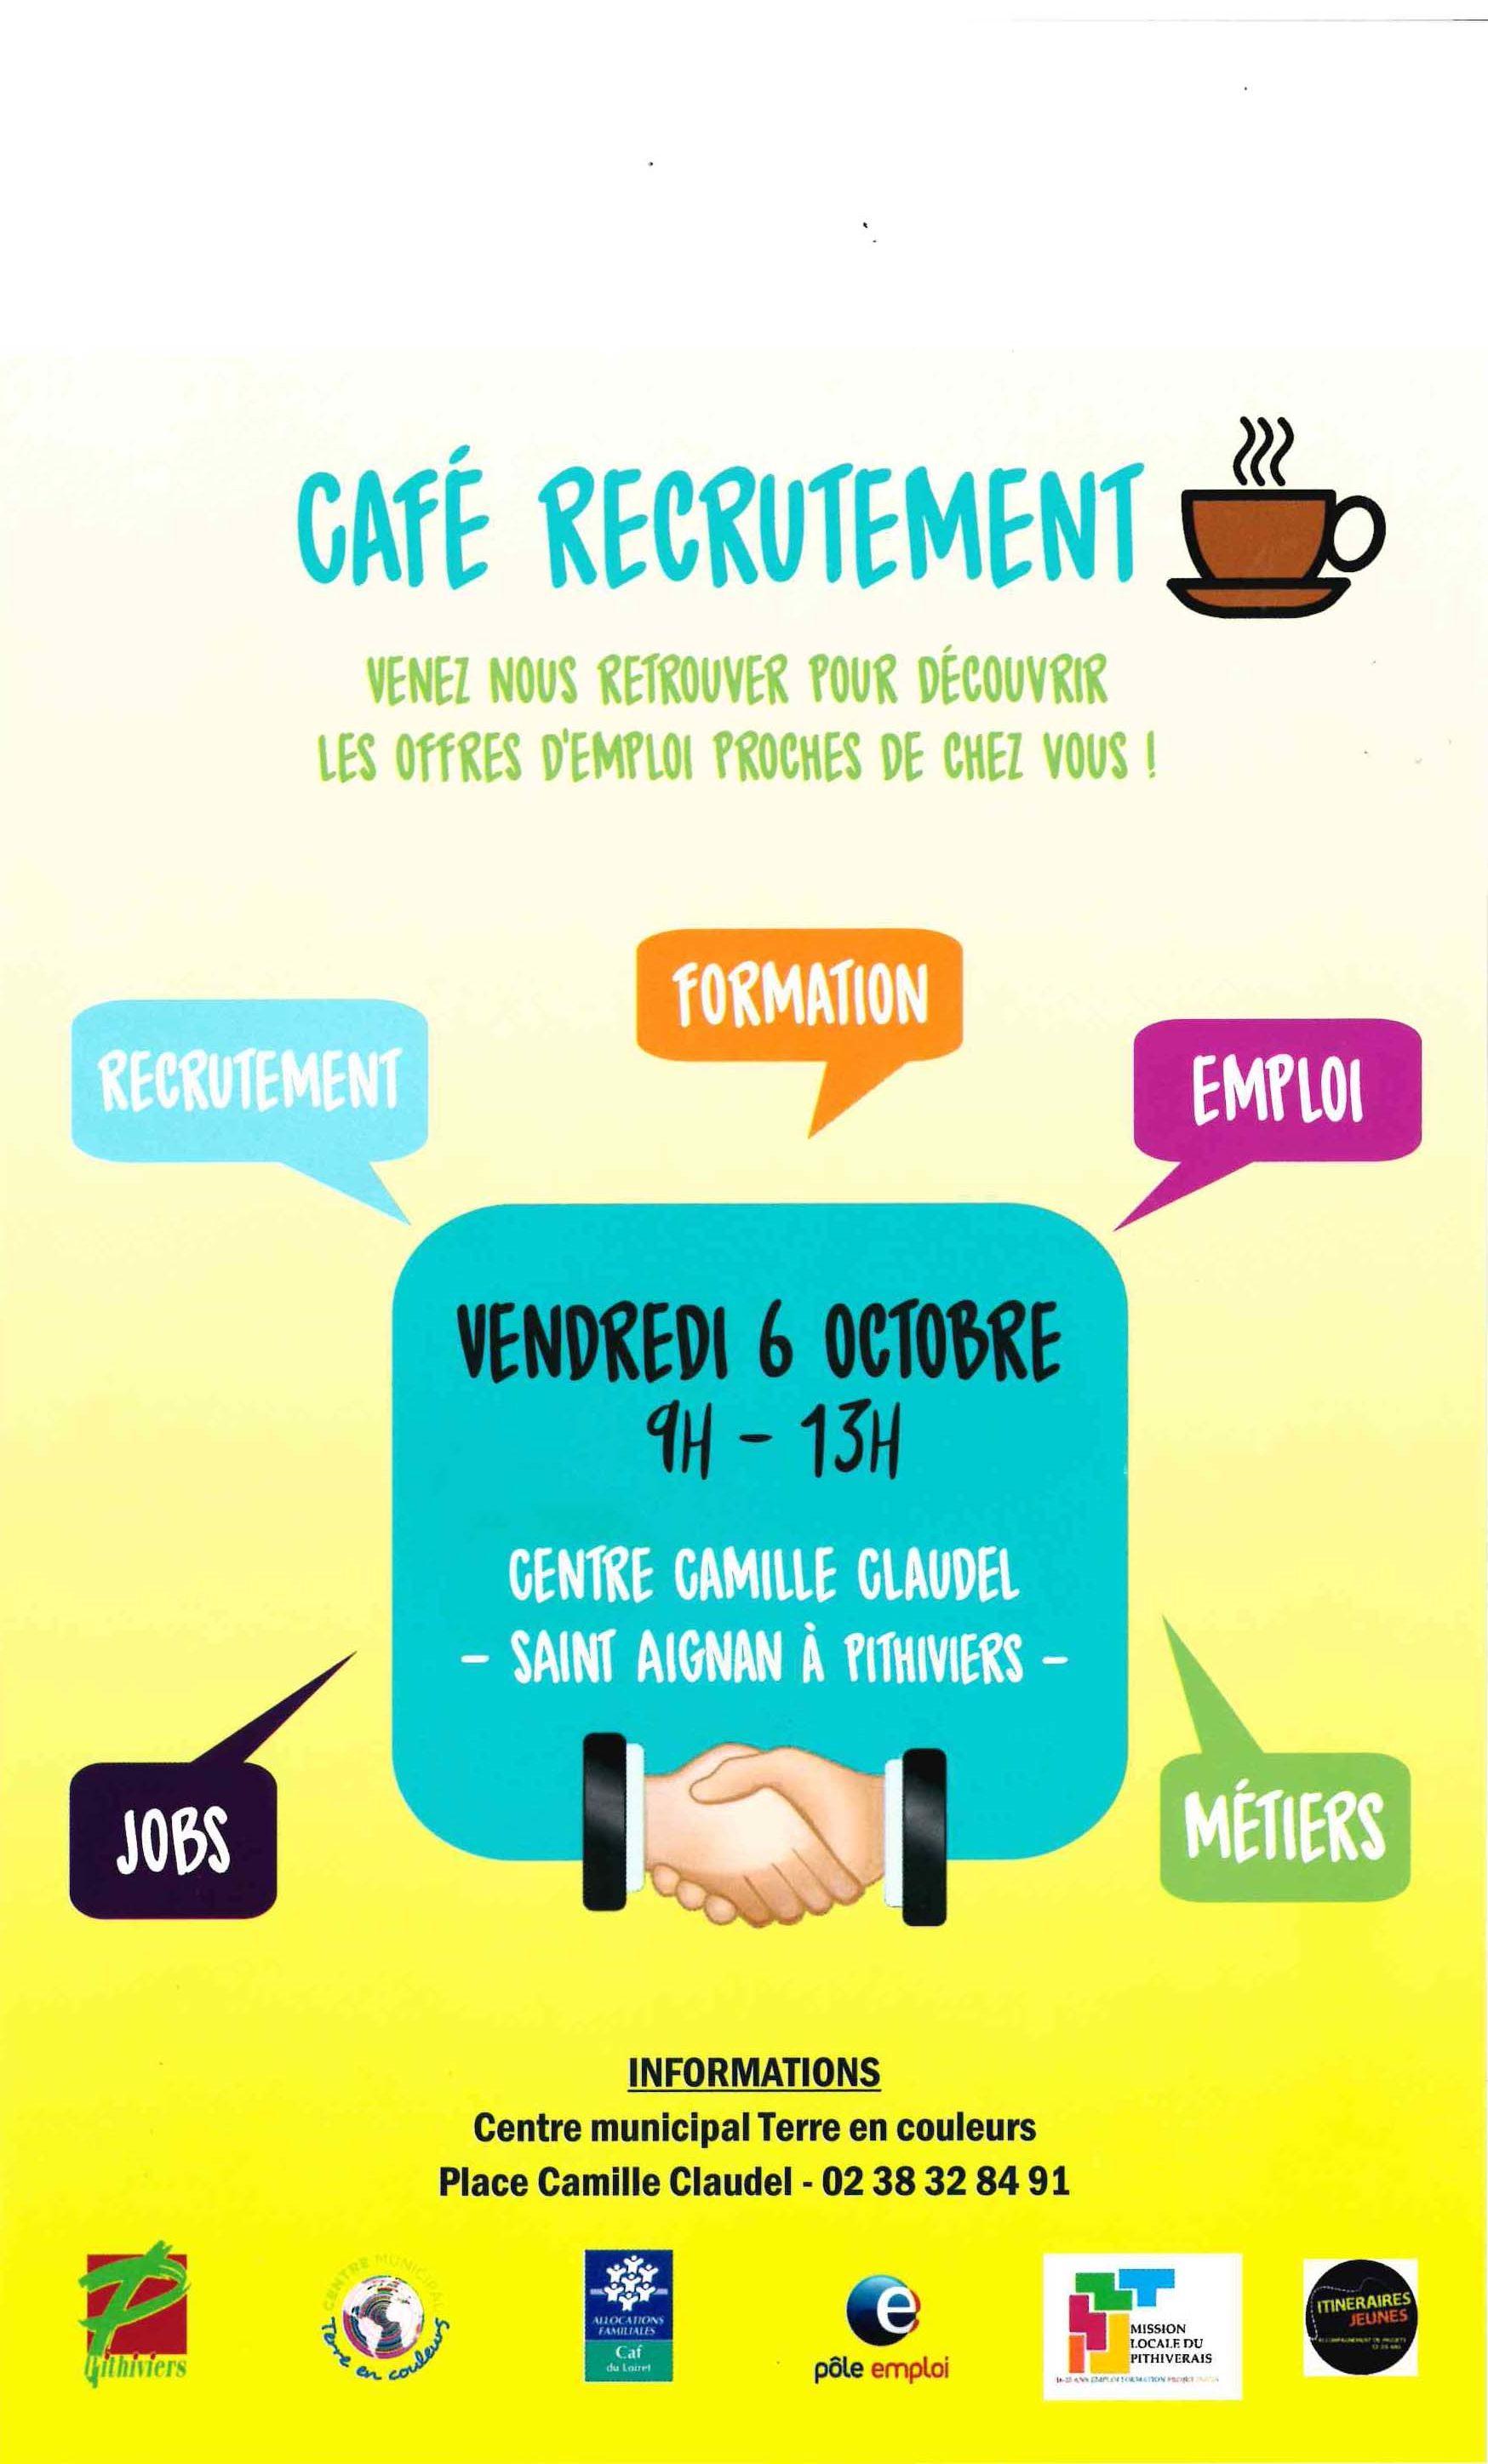 cafe recrutement